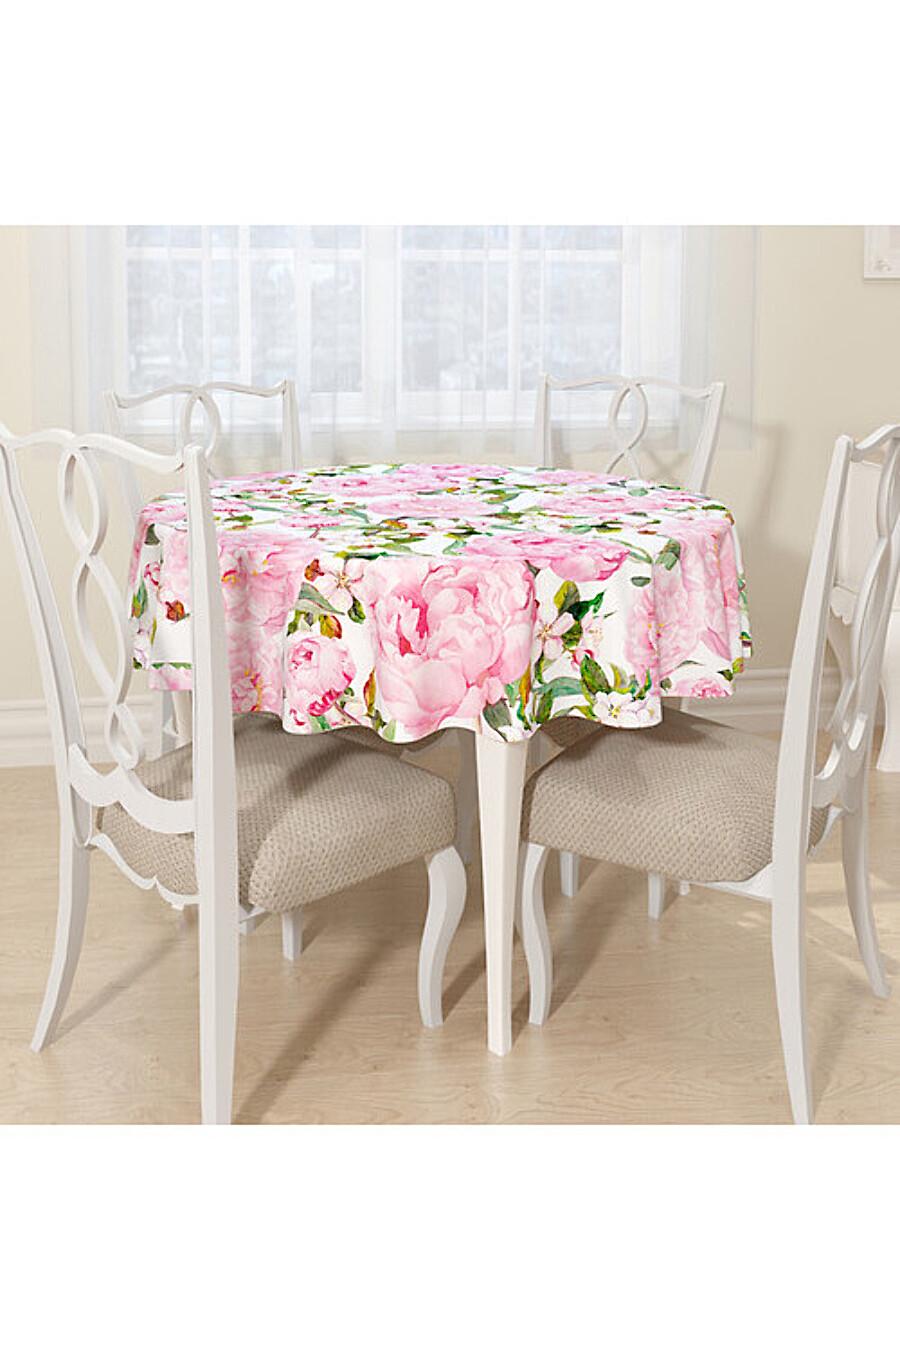 Скатерть для дома ART HOME TEXTILE 180256 купить оптом от производителя. Совместная покупка товаров для дома в OptMoyo